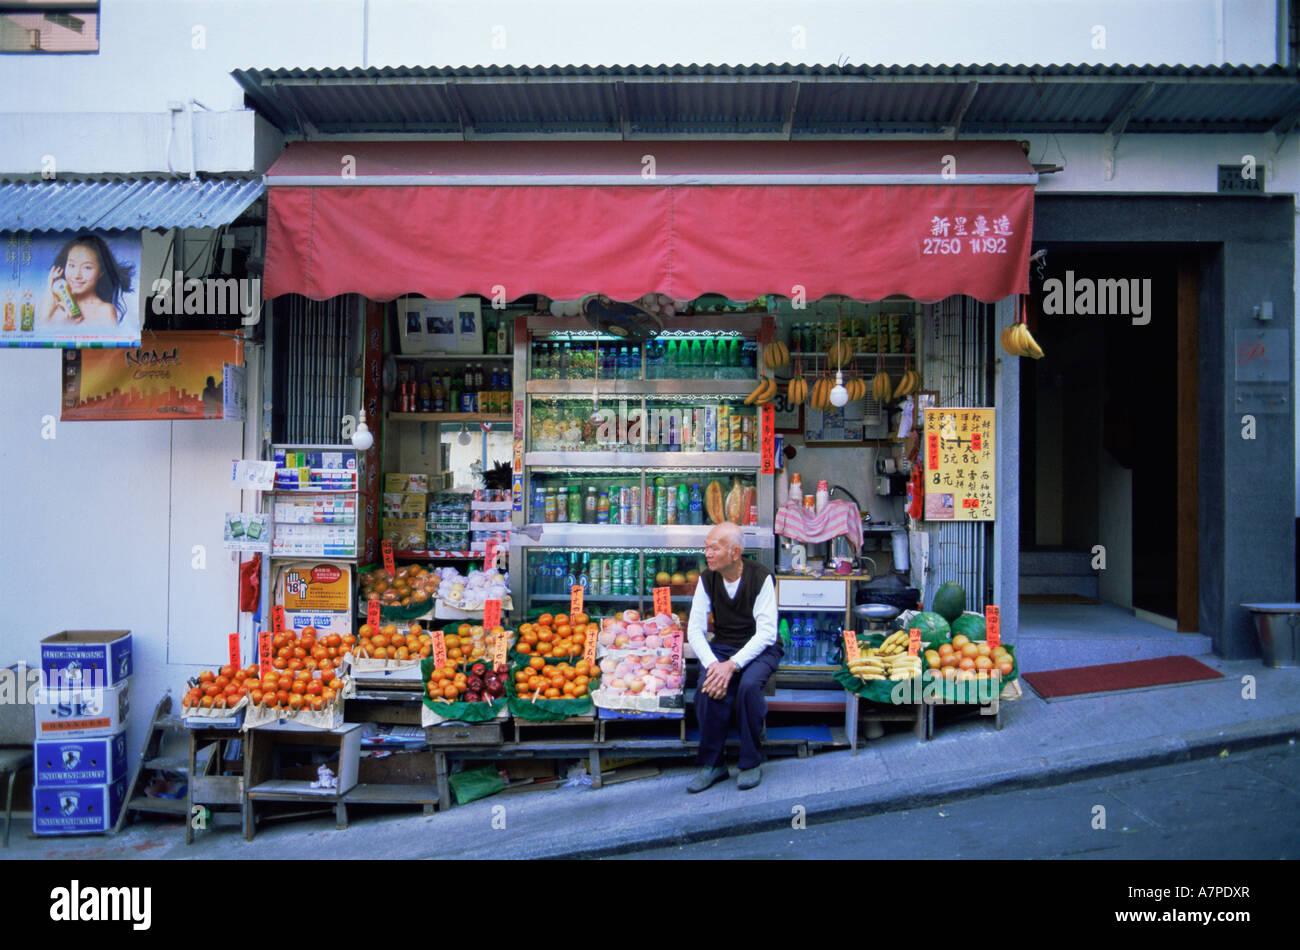 Fantastisch Küche Geschäft Hong Kong Ideen - Ideen Für Die Küche ...